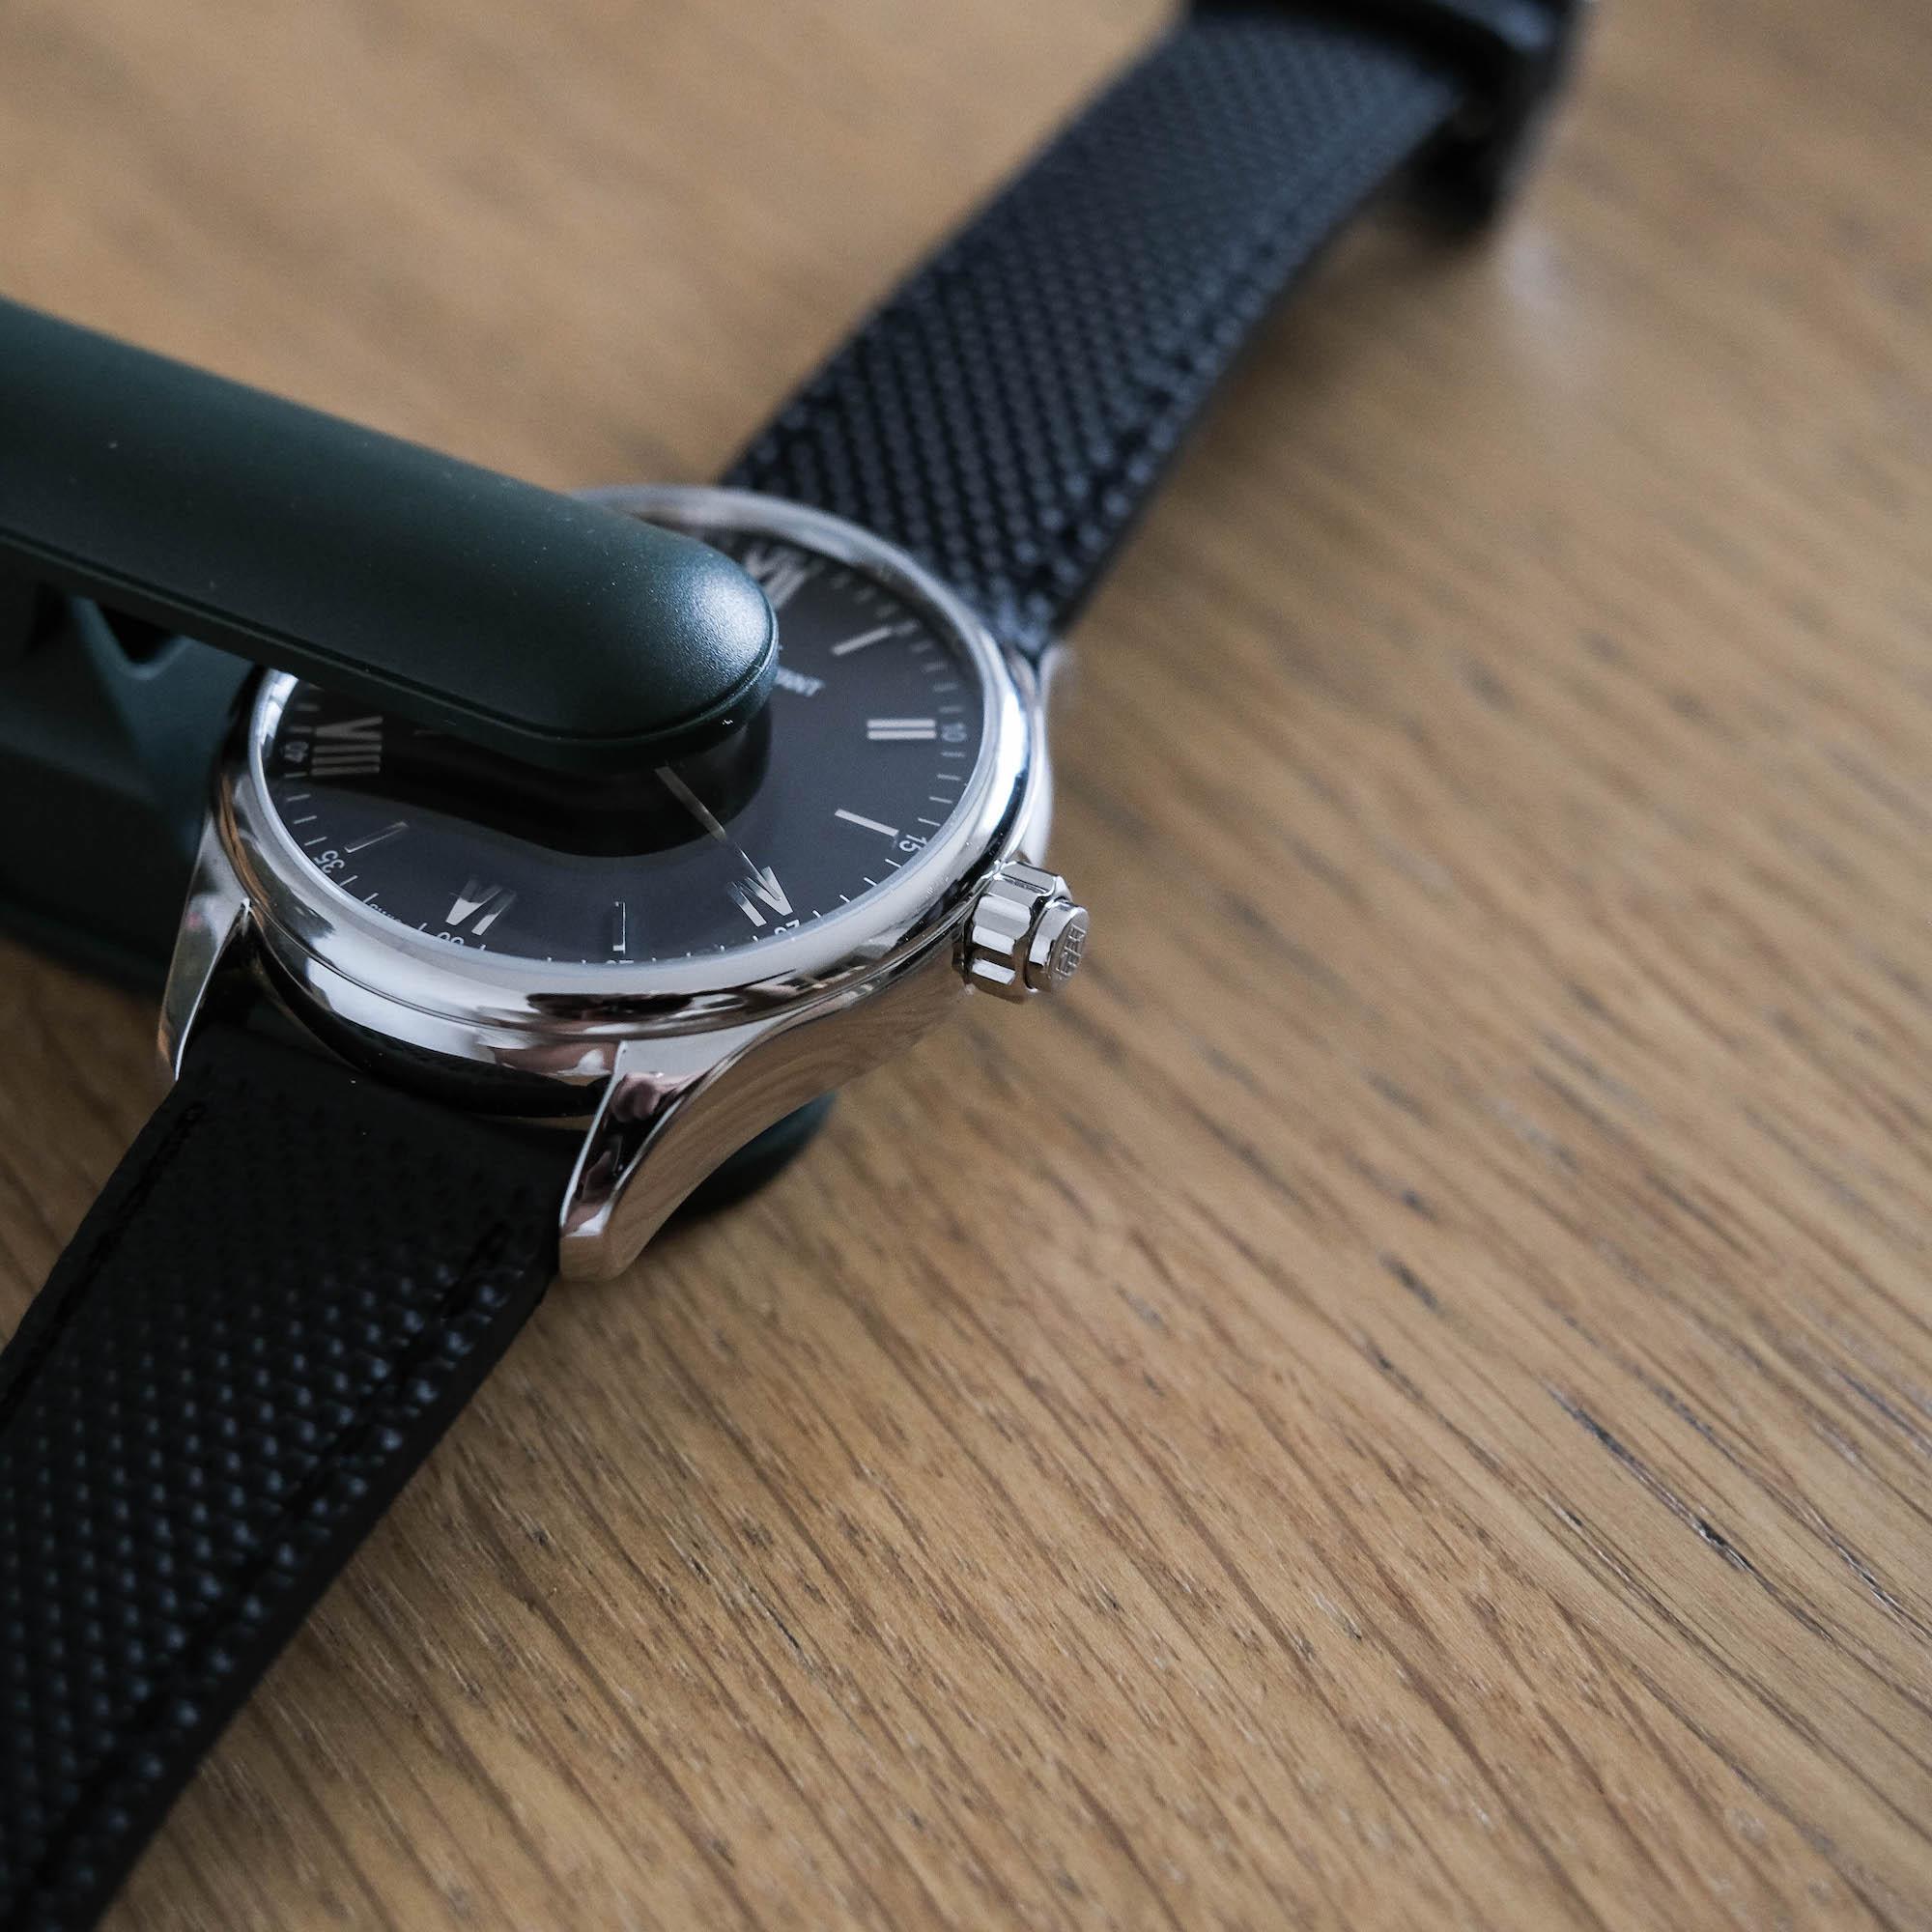 couronne frederique constant vitality smartwatch